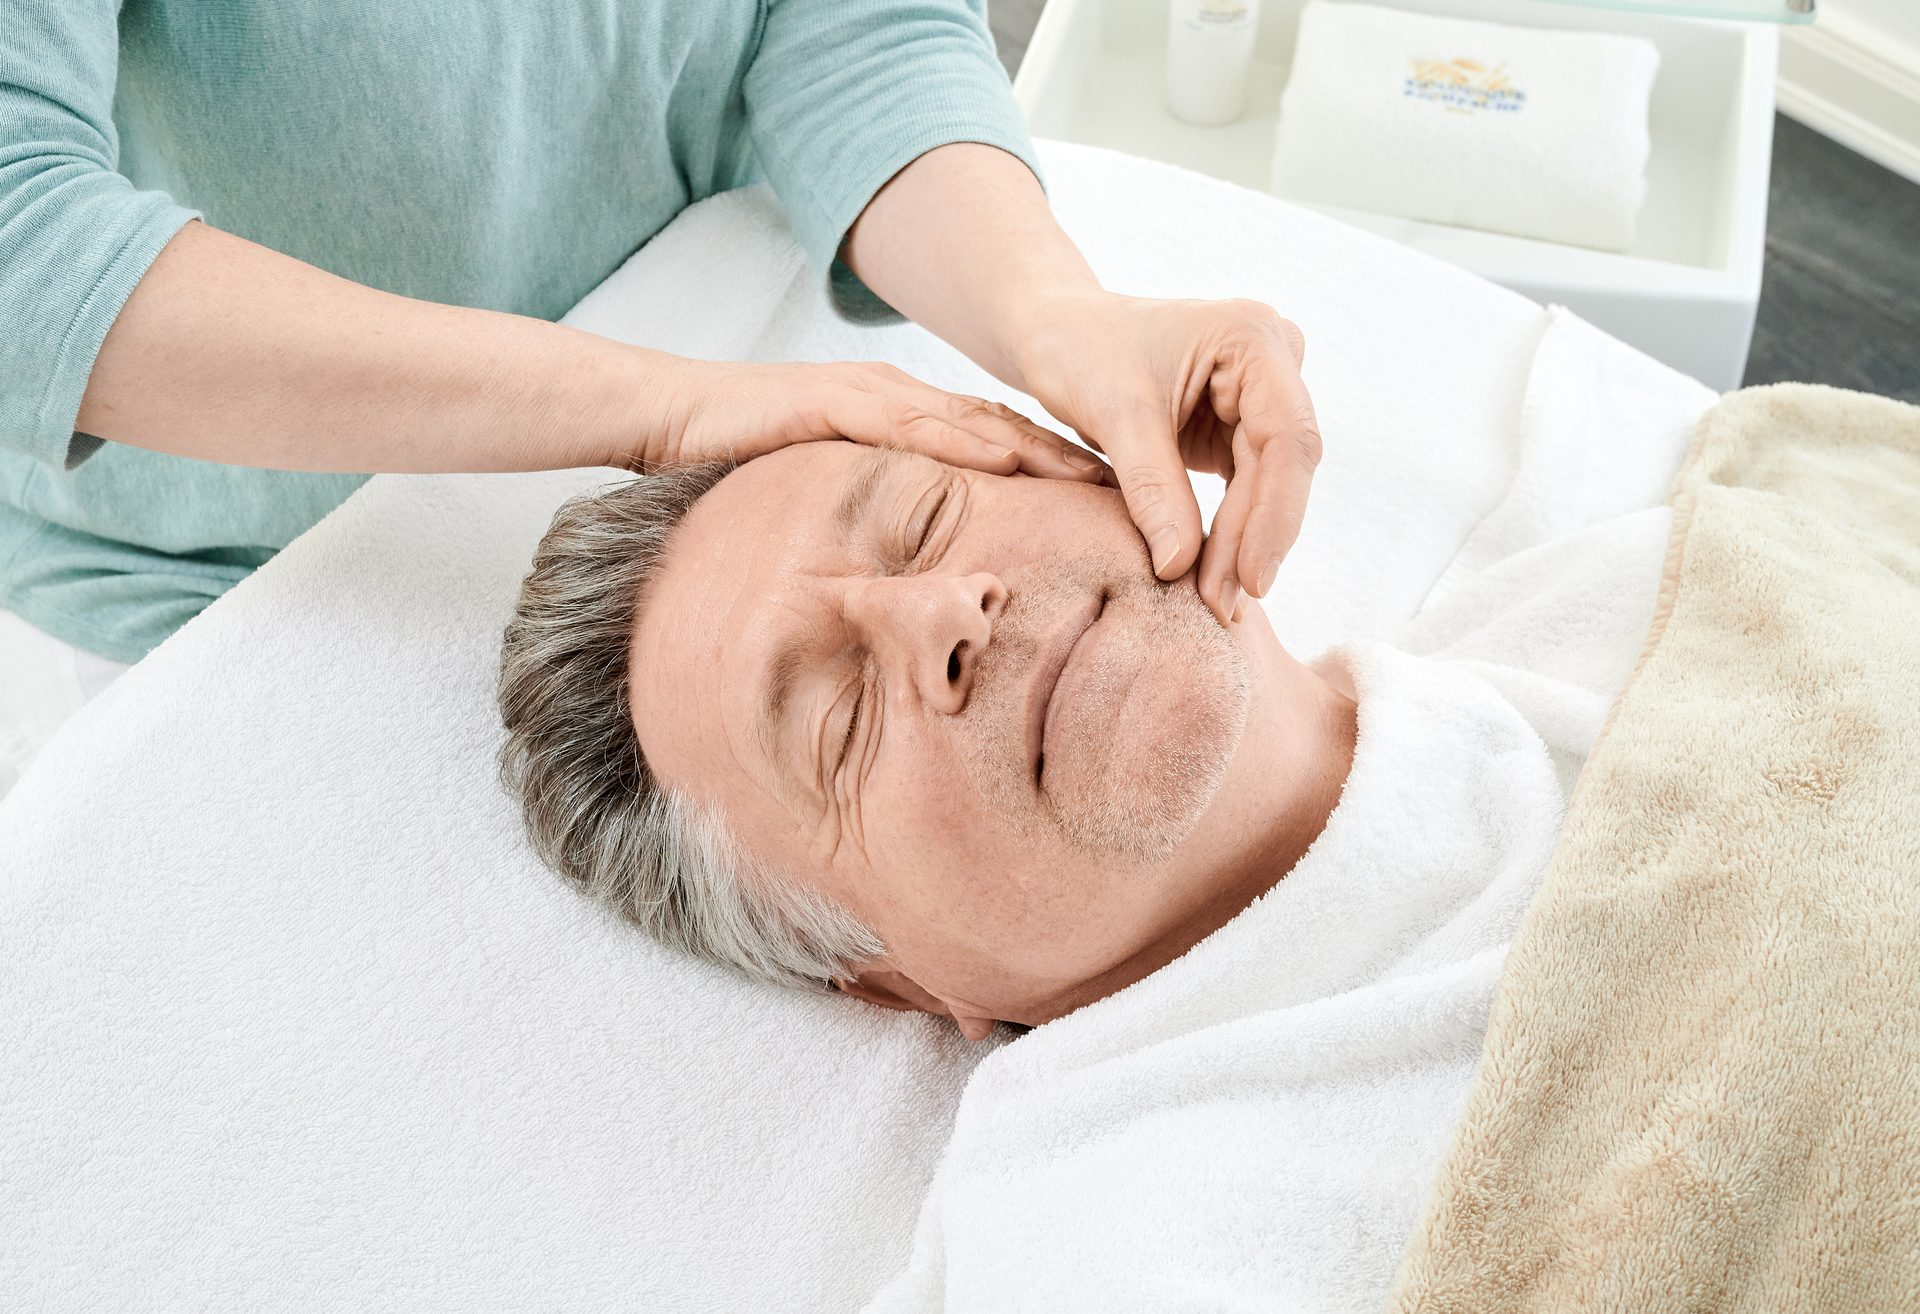 Gesichtsbehandlung bei einem Kunden - Haut- und Körperpflege bei evas concept